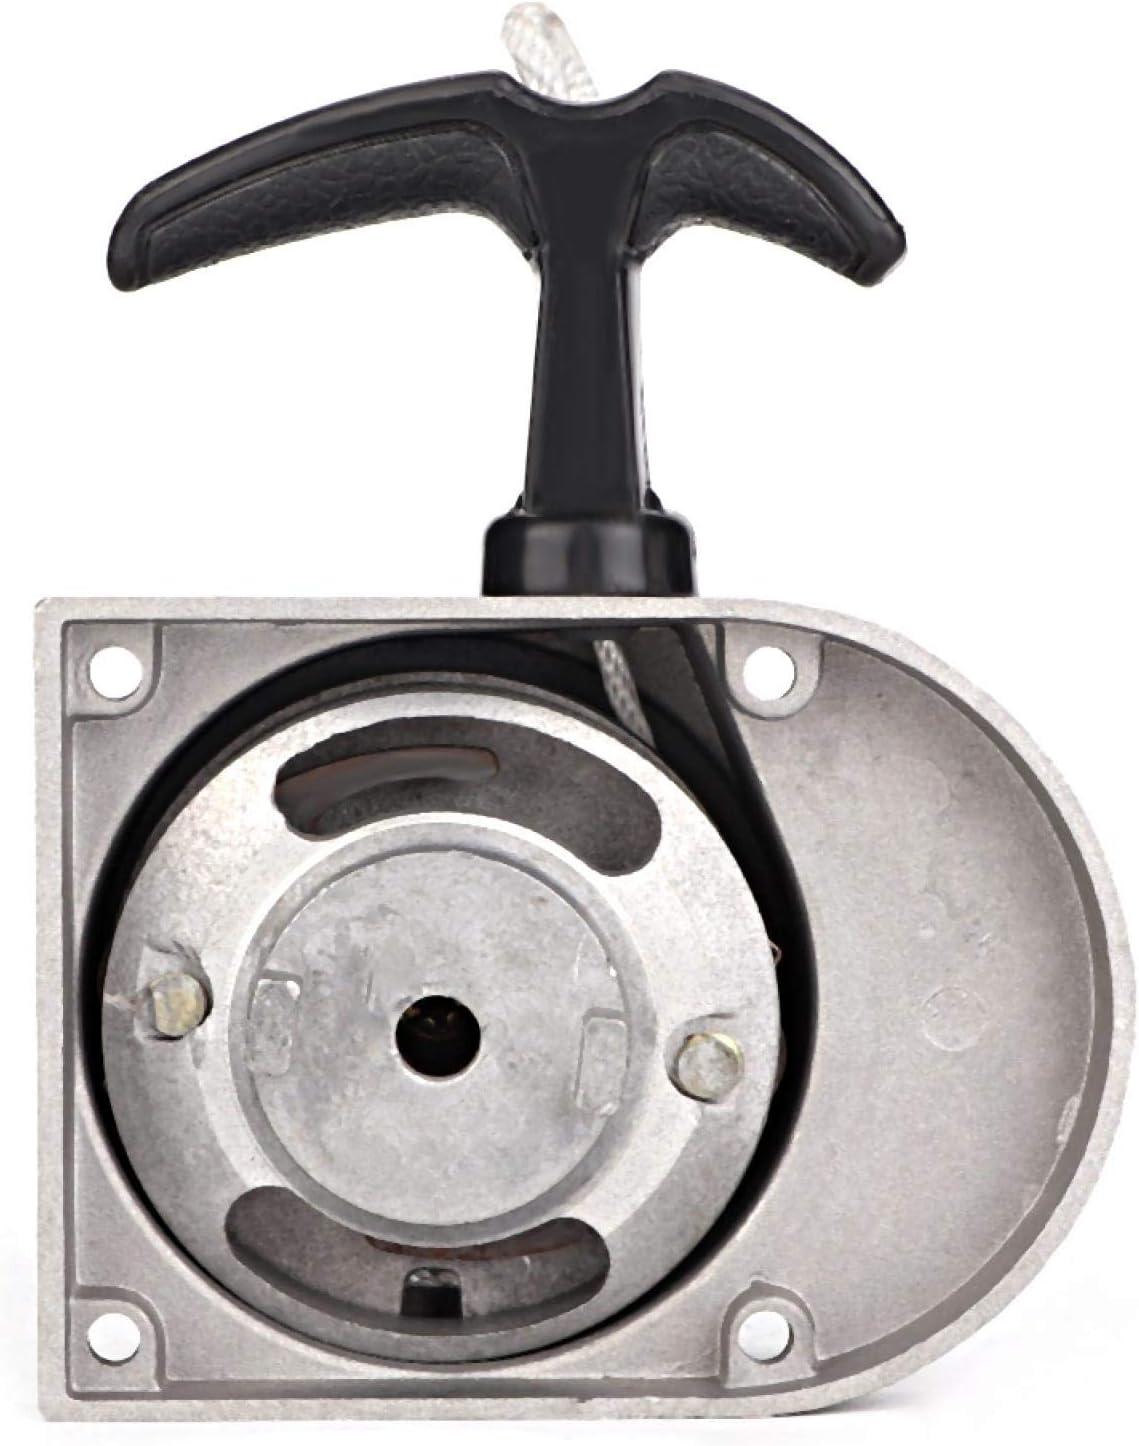 Kit de arranque de aleación Pull Start para 49 cc 50 cc 60 cc 66 cc 70 cc 80 cc bicicletas motorizadas de 2 tiempos, bajo nivel de ruido y rendimiento constante